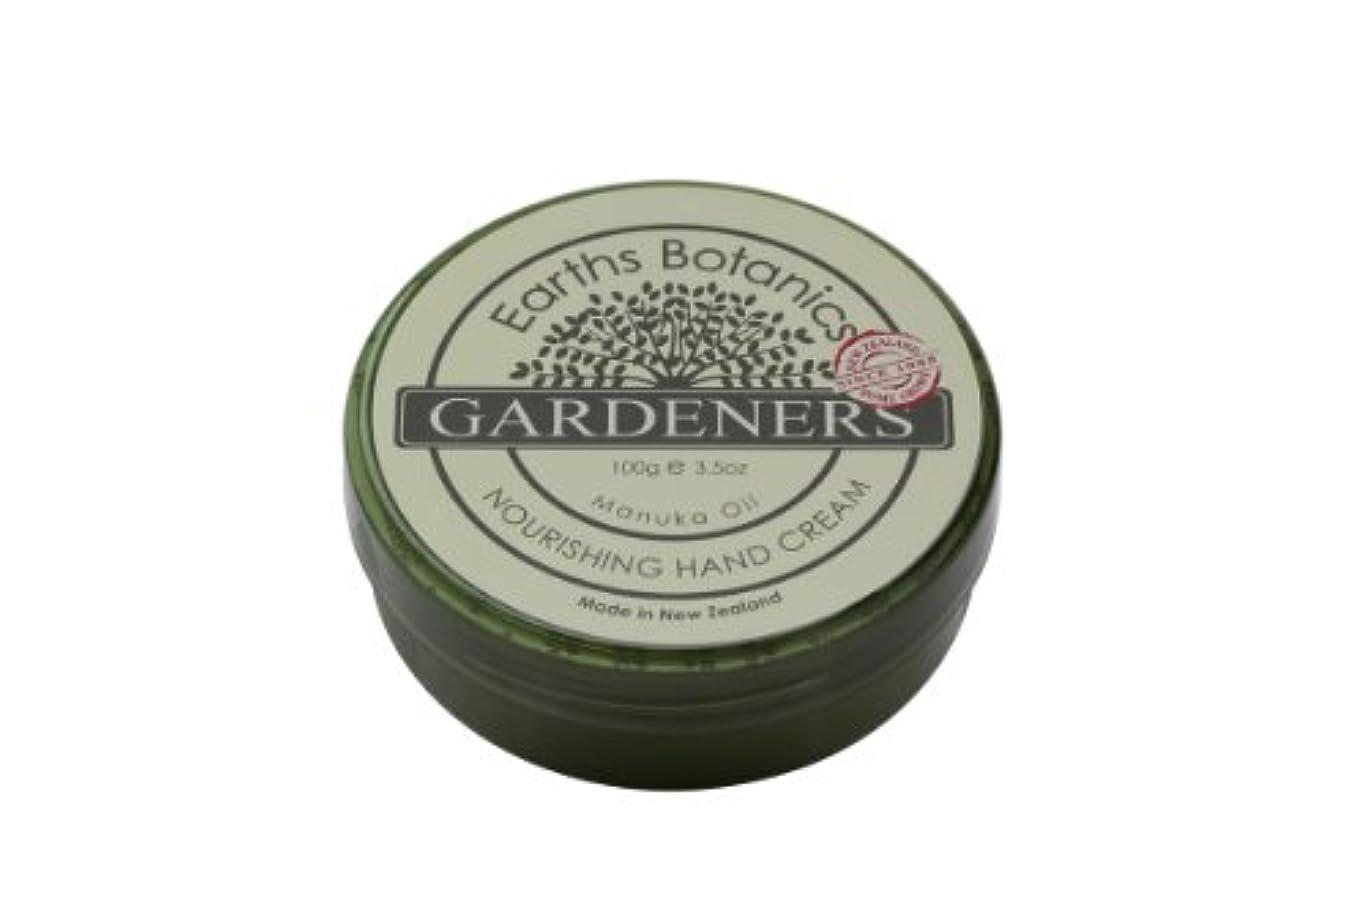 認知コットン線Earths Botanics GARDENERS(ガーデナーズ) ハンド&ボディクリーム 100g